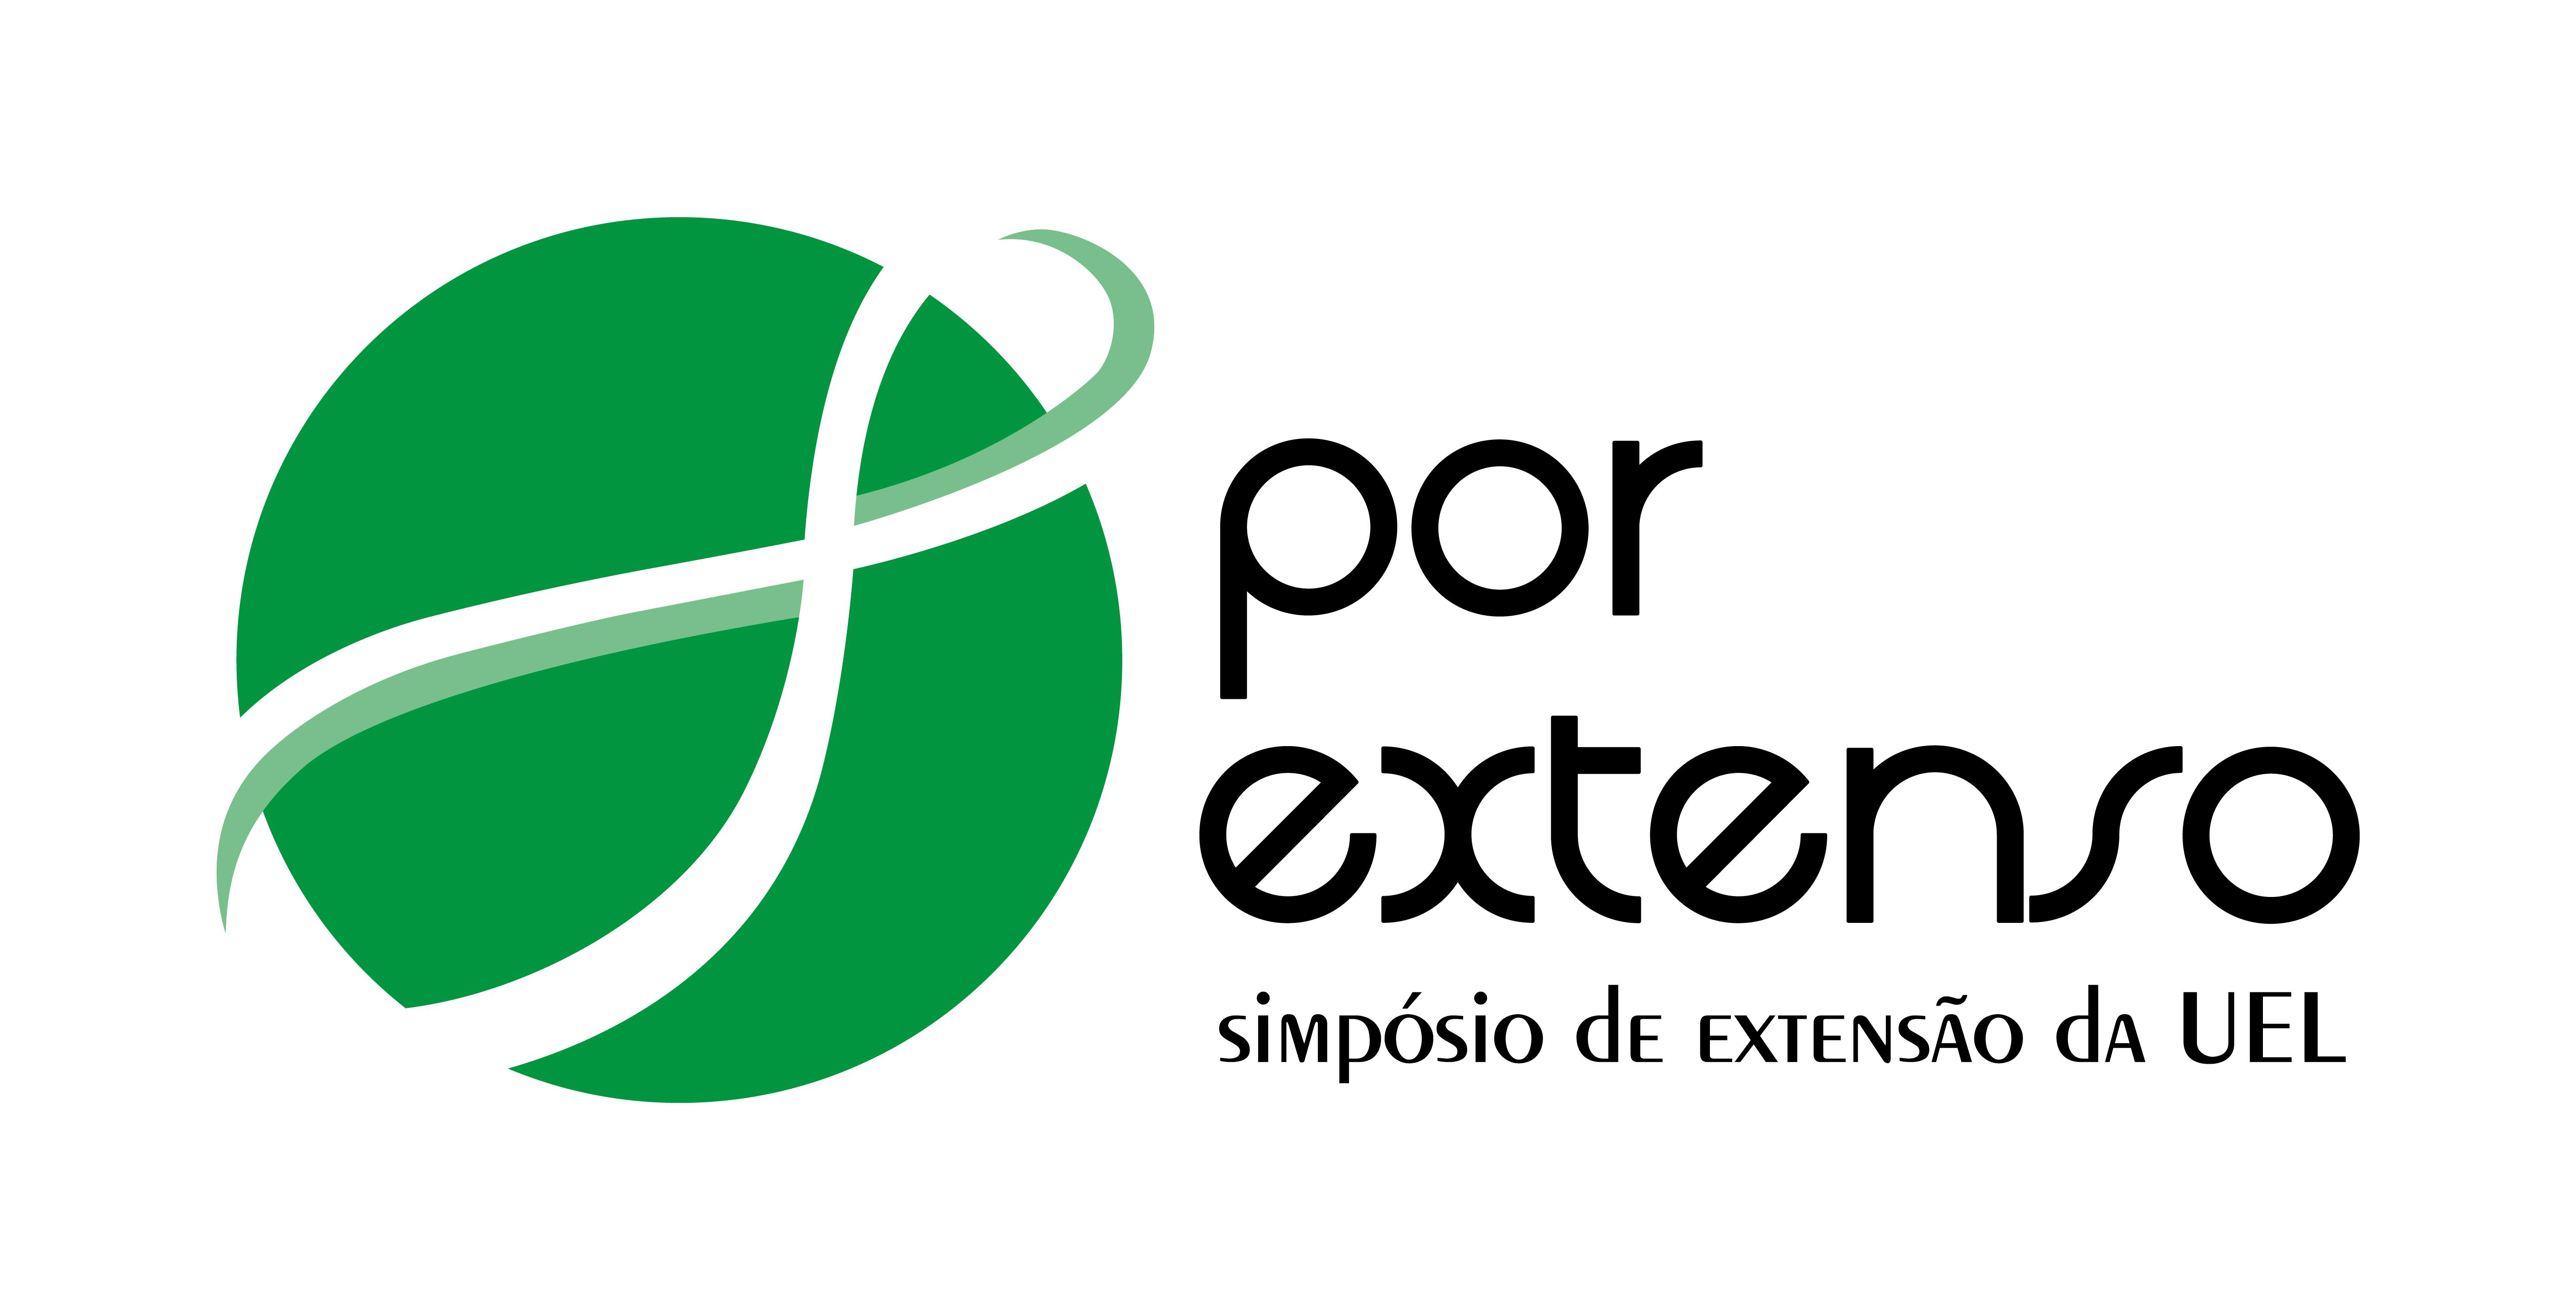 """II Encontro Anual de Extensão Universitária e o VIII Simpósio de Extensão da UEL """"POR EXTENSO"""""""